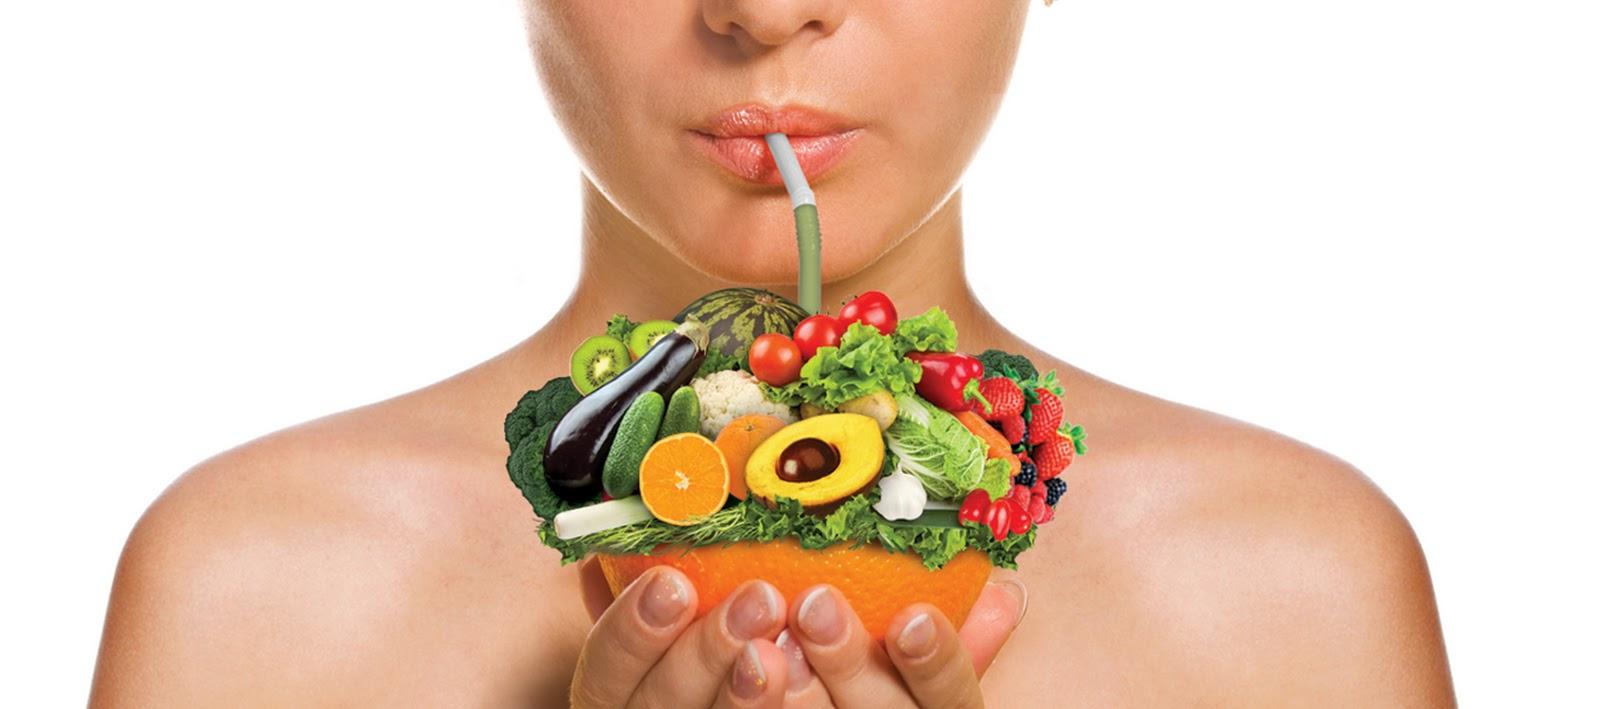 DOMUS 24® Apoio Domiciliário - Alimentos Antioxidantes Na Sua Cozinha